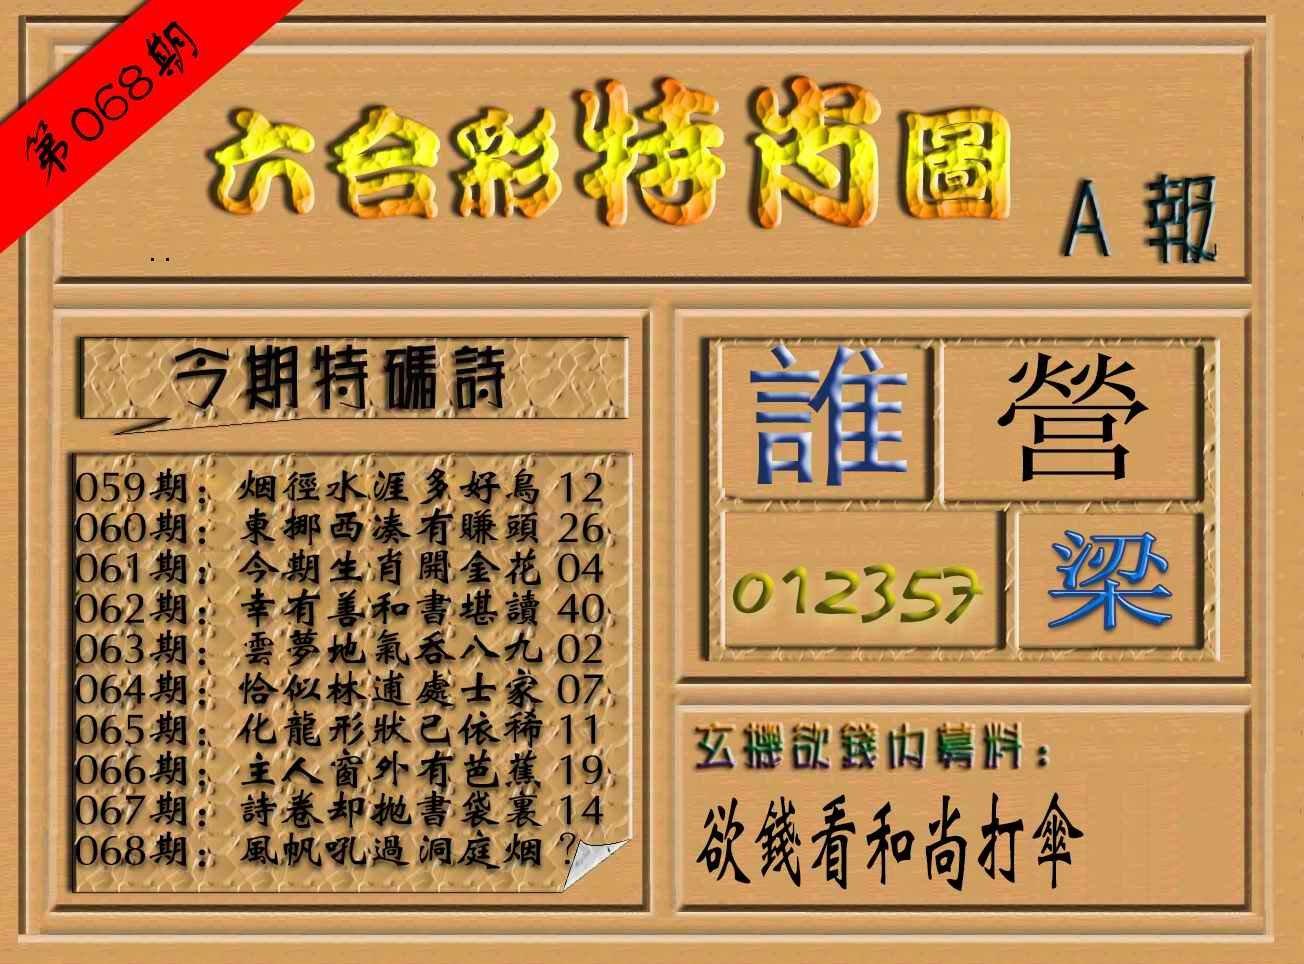 068期六合彩特肖图(A报)